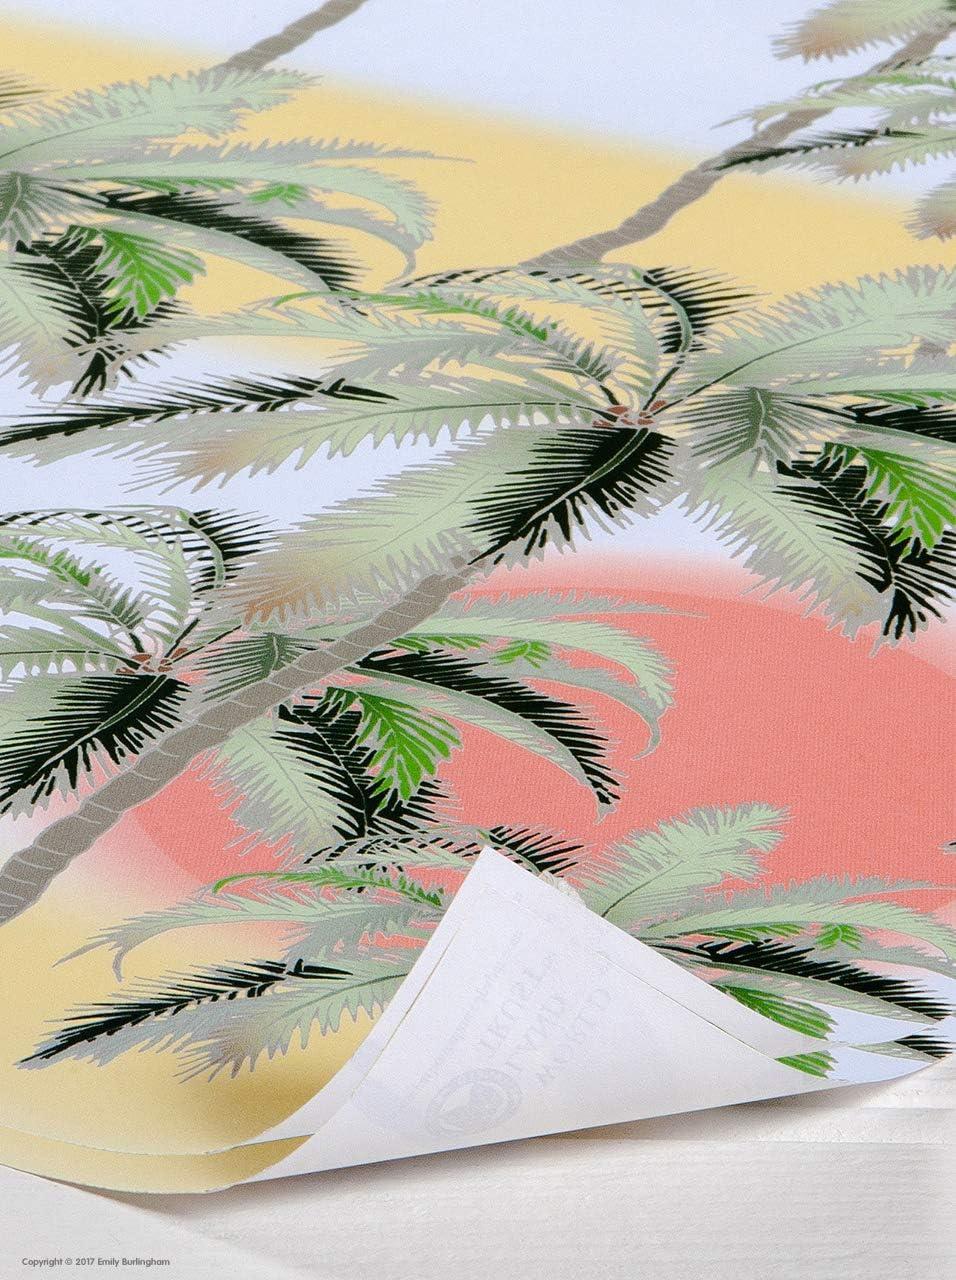 4 Sheets Emily Burningham Papel de regalo con dise/ño de /árboles de palmera y sol